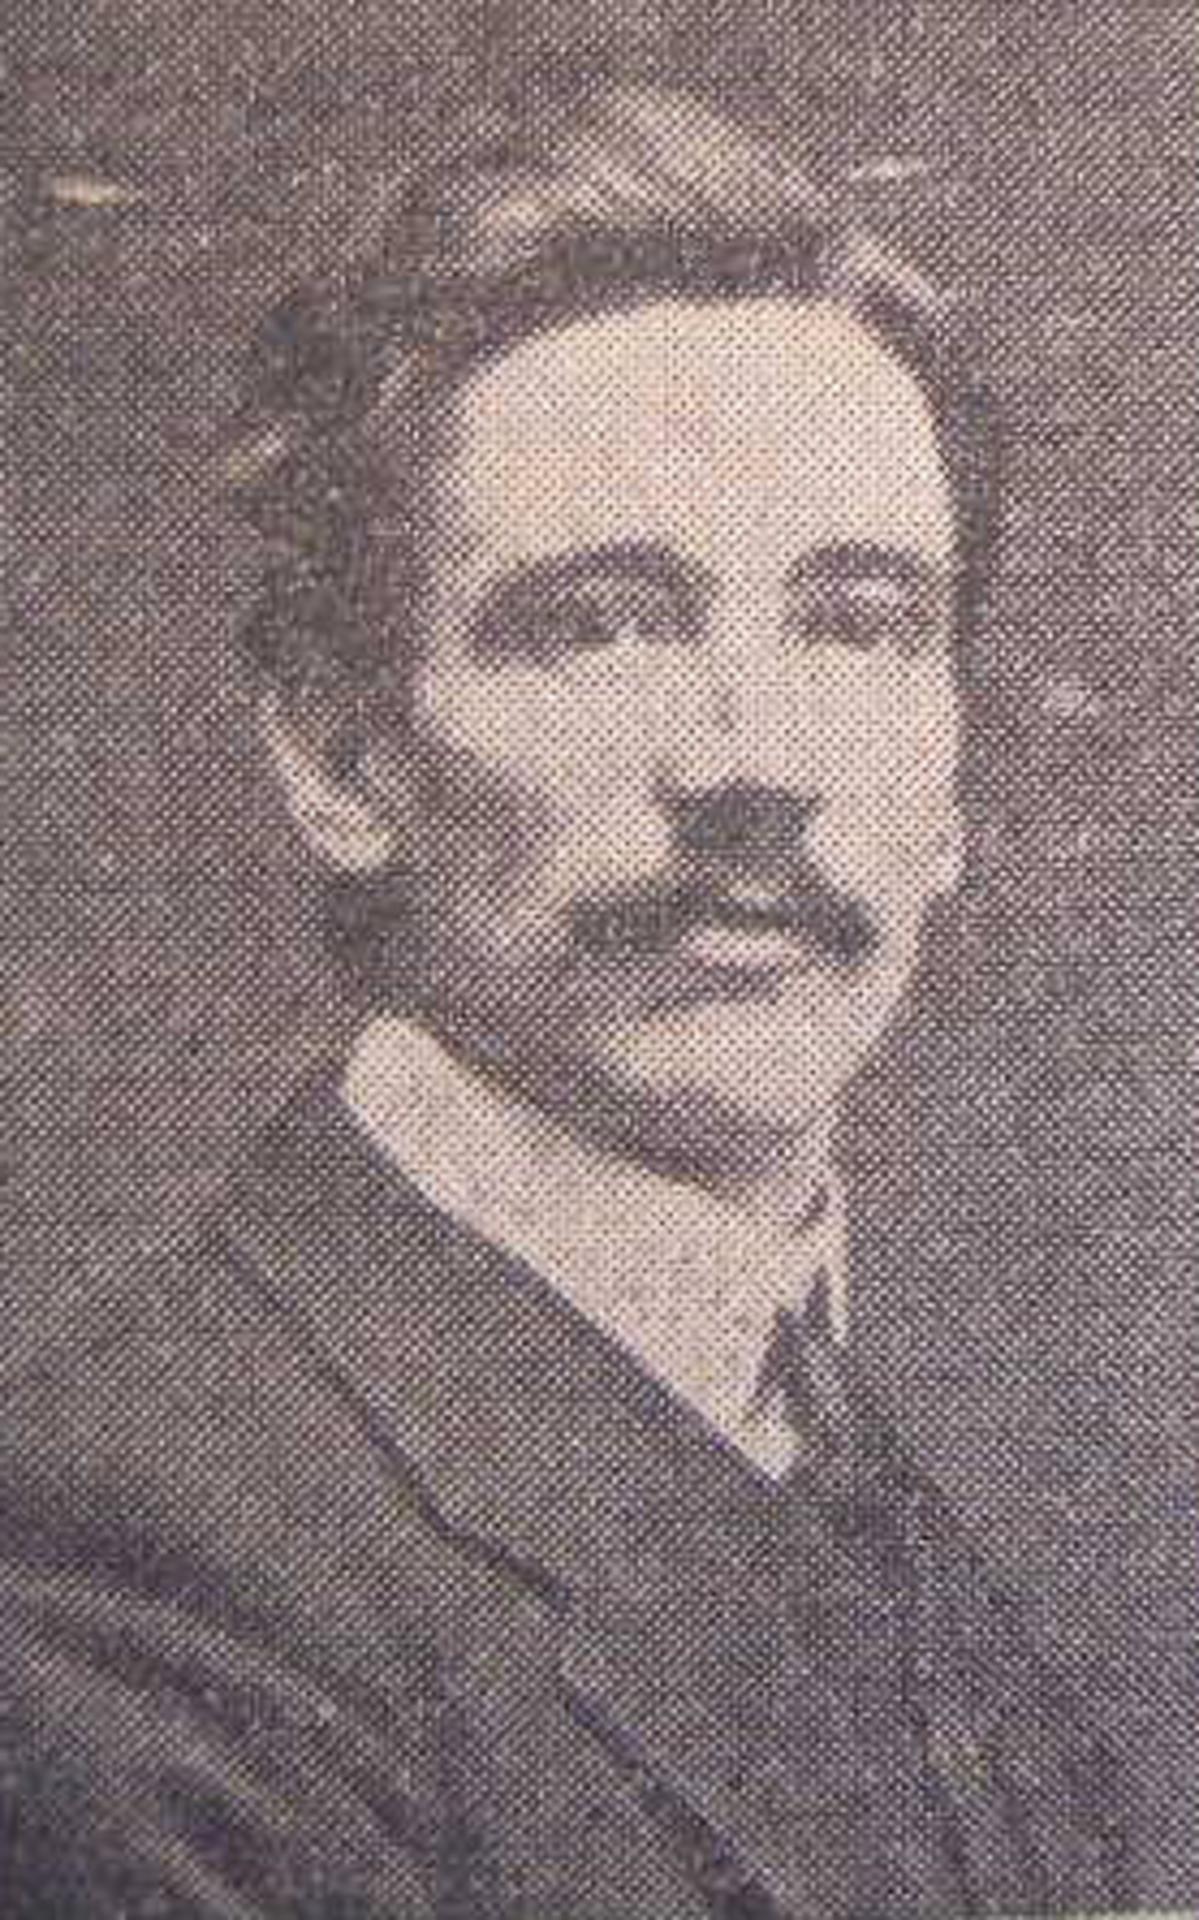 William Brierly